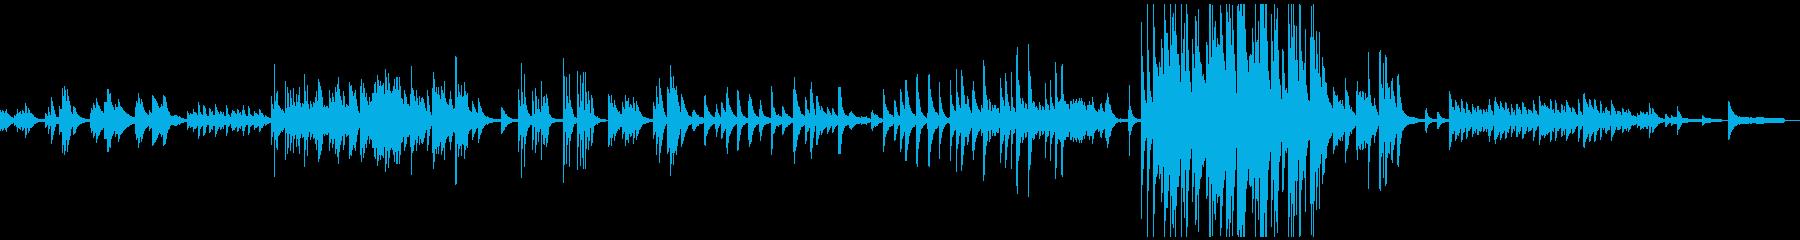 ピアノソロ/しんみりと暖かく優しい曲の再生済みの波形